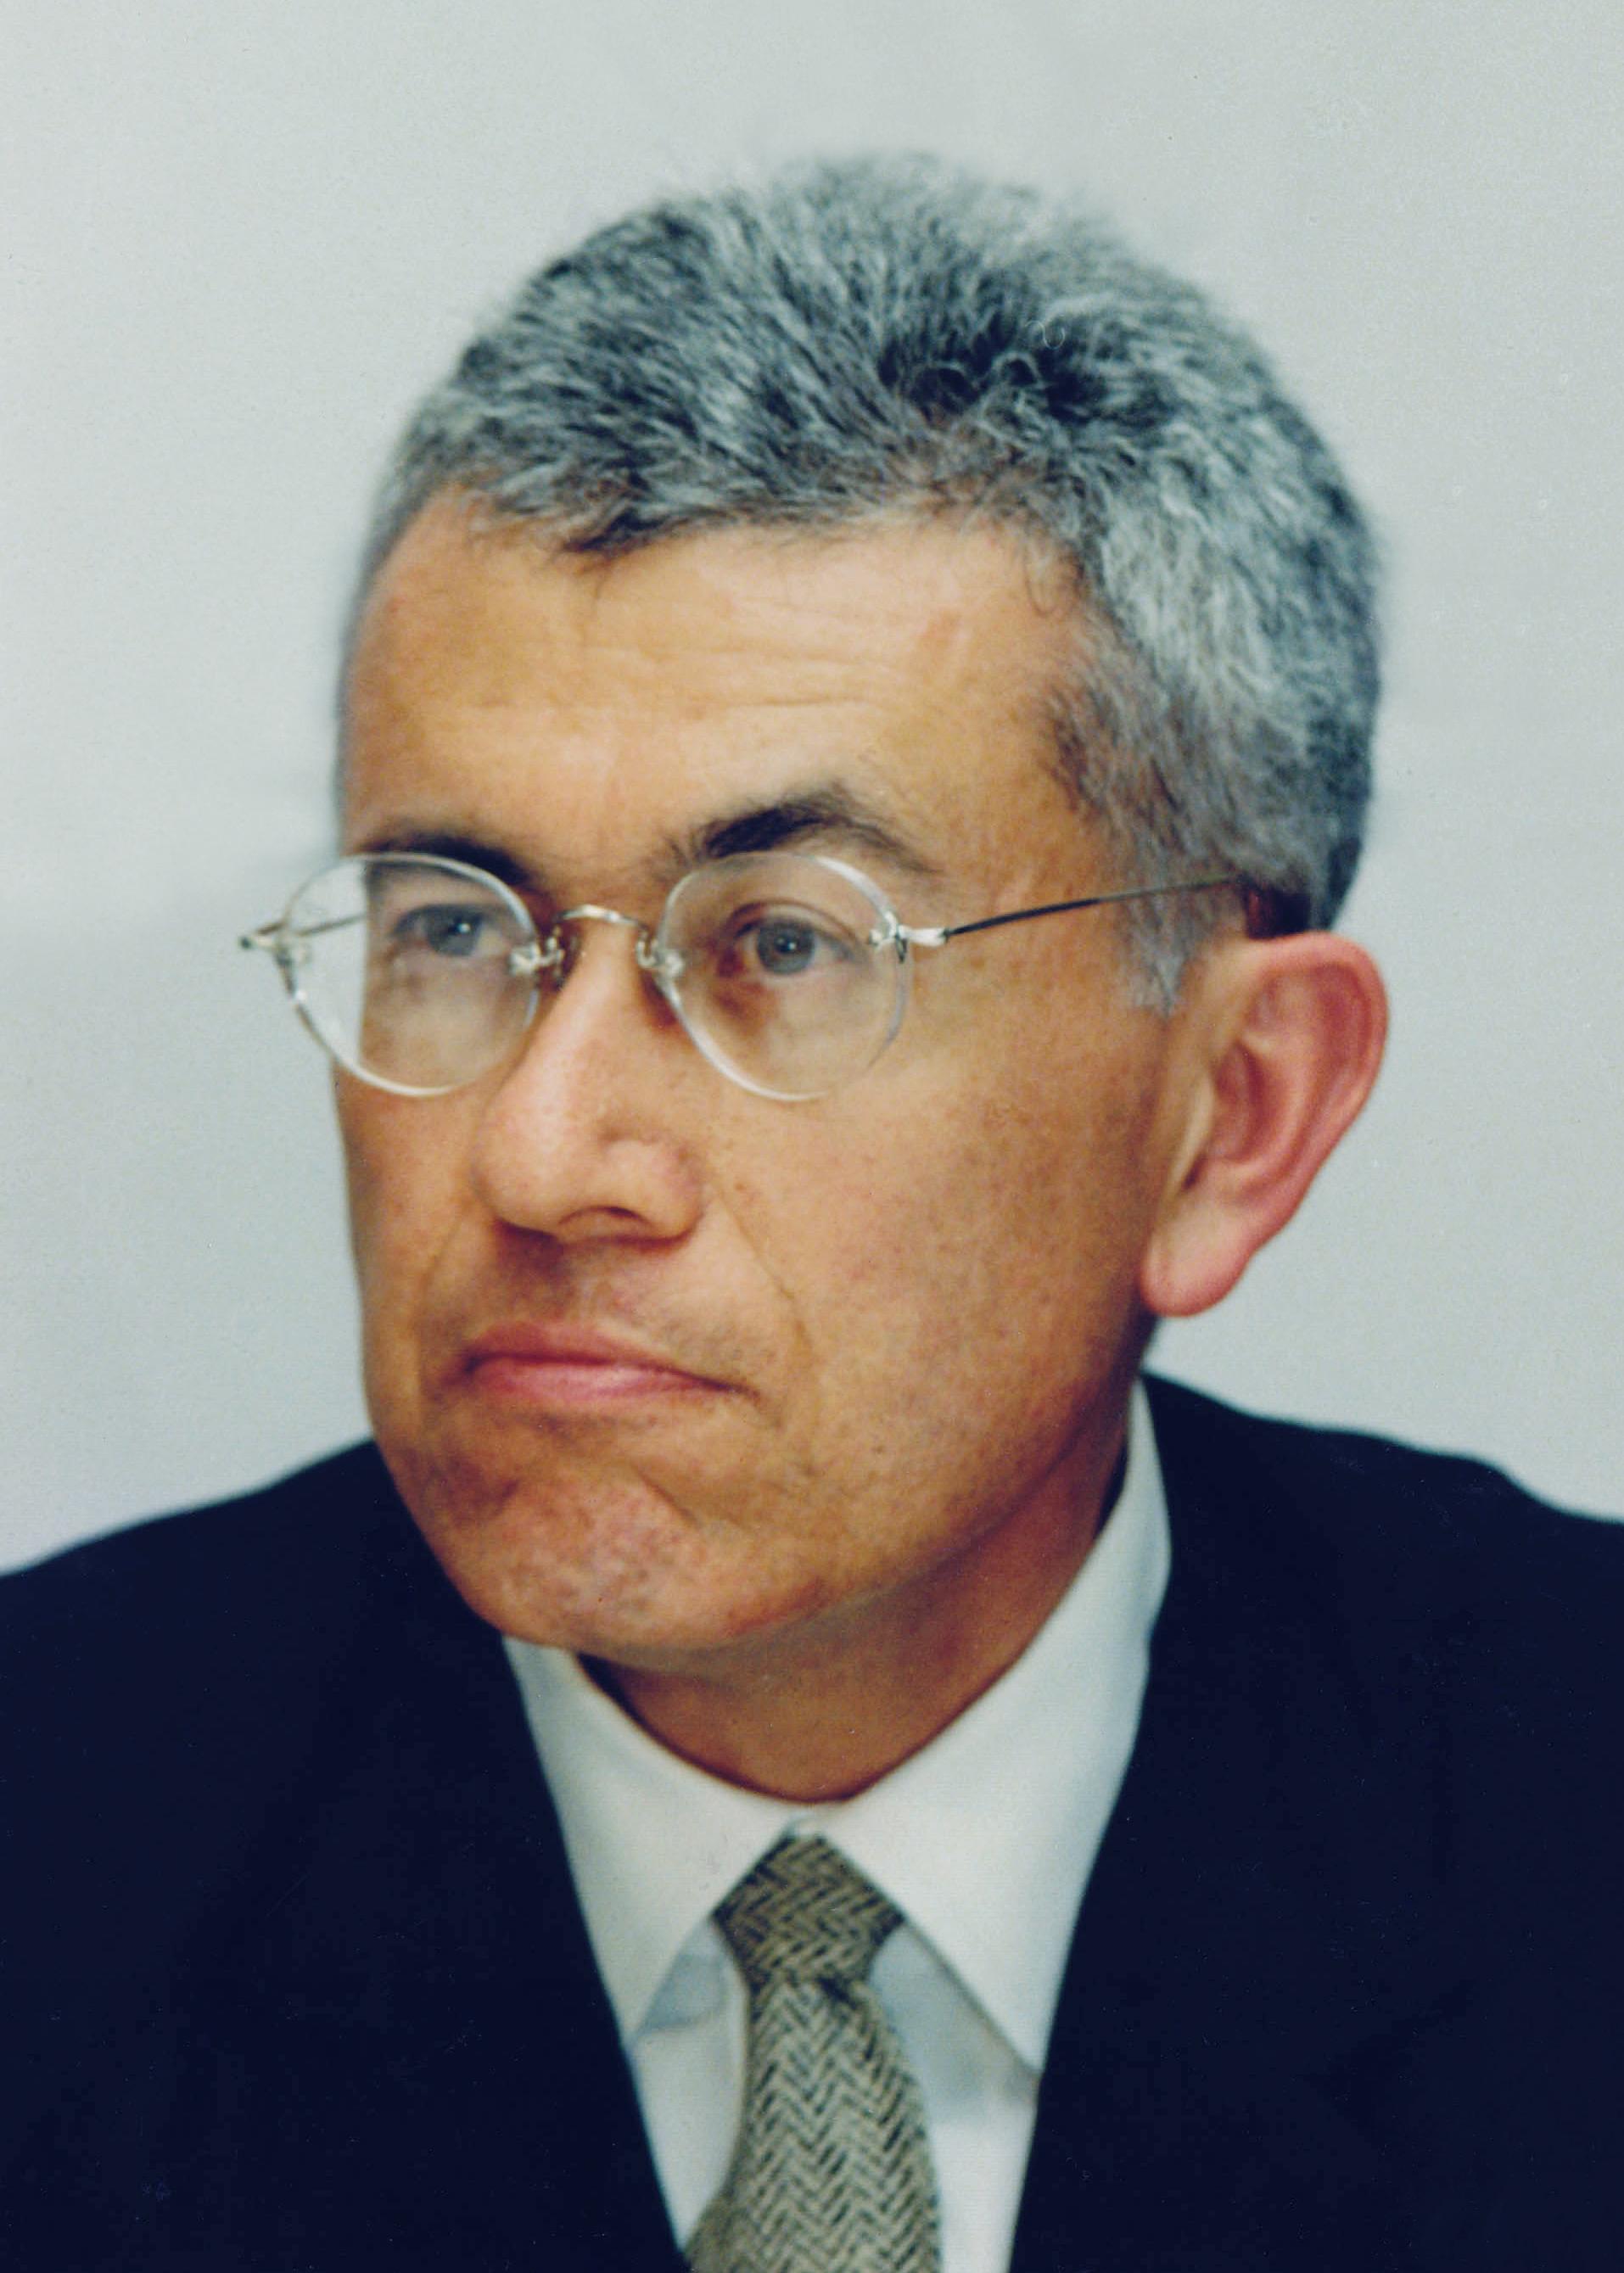 Veja o que saiu no Migalhas sobre Roberto Mangabeira Unger